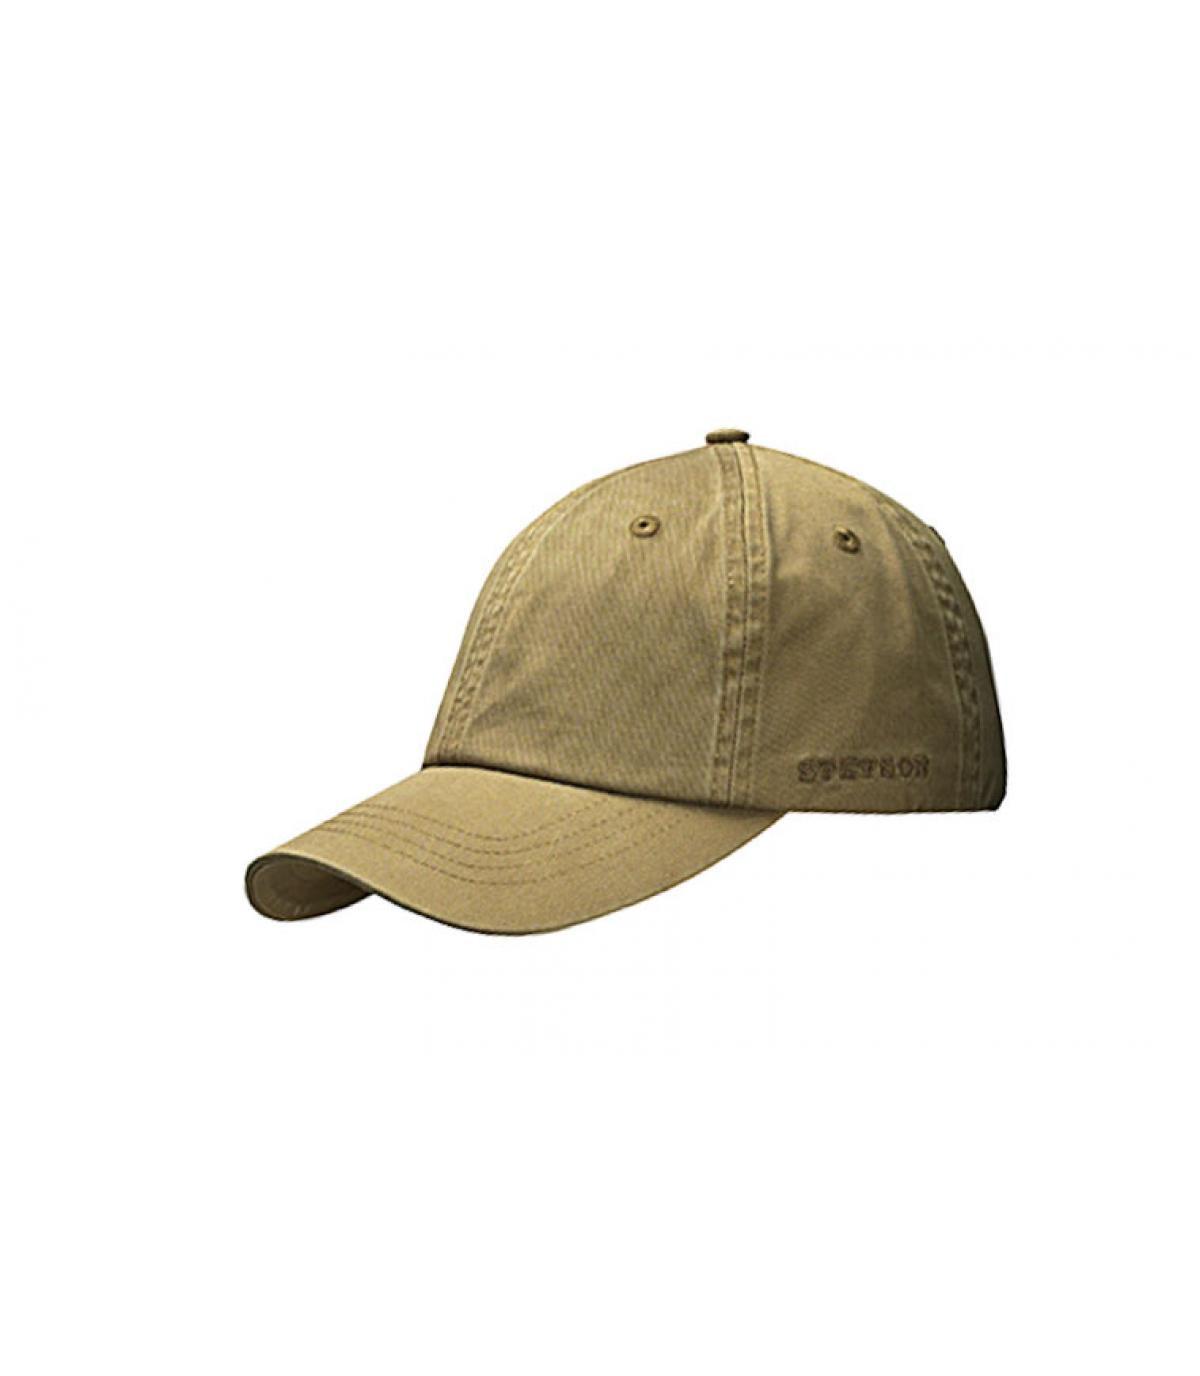 Cappellino baseball beige uomo. Dettagli Rector light brown - image 2   Dettagli Rector light brown - image 1 ... 9fdef7d4af85